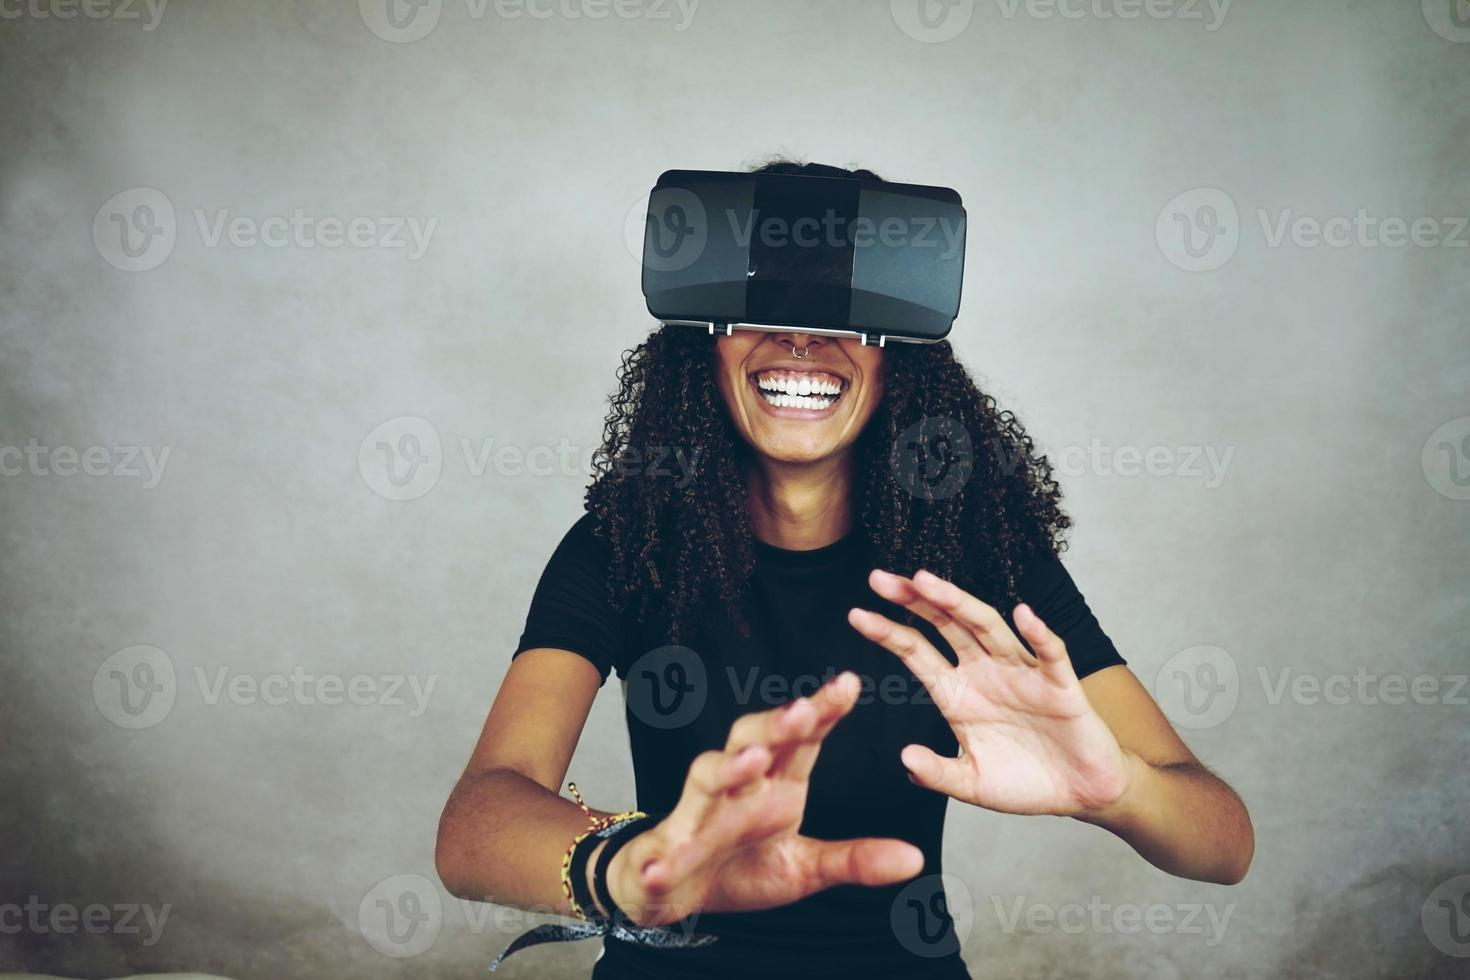 Eine schöne junge schwarze Frau mit lockigem Afro-Haar trägt Virtual Reality VR Headset und spielt Videospiele, während sie im Studio mit grauem Hintergrund lächelt foto